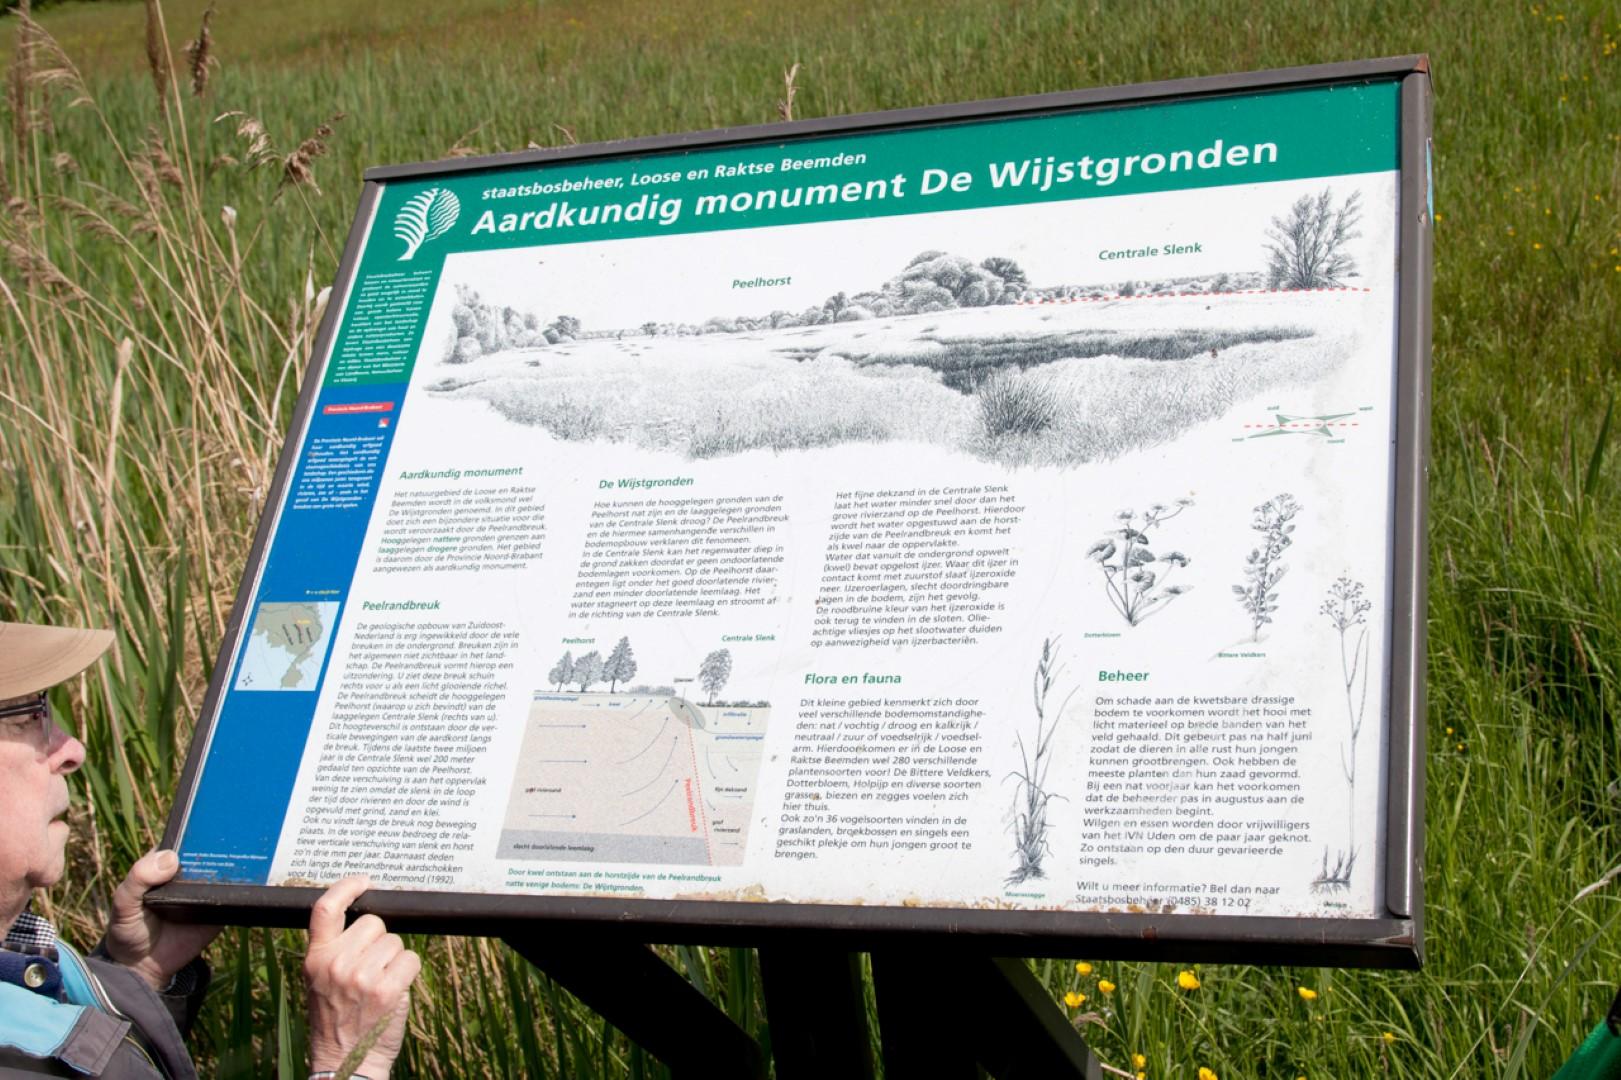 Informatiebord over Aardkundig monument De Wijstgronden.